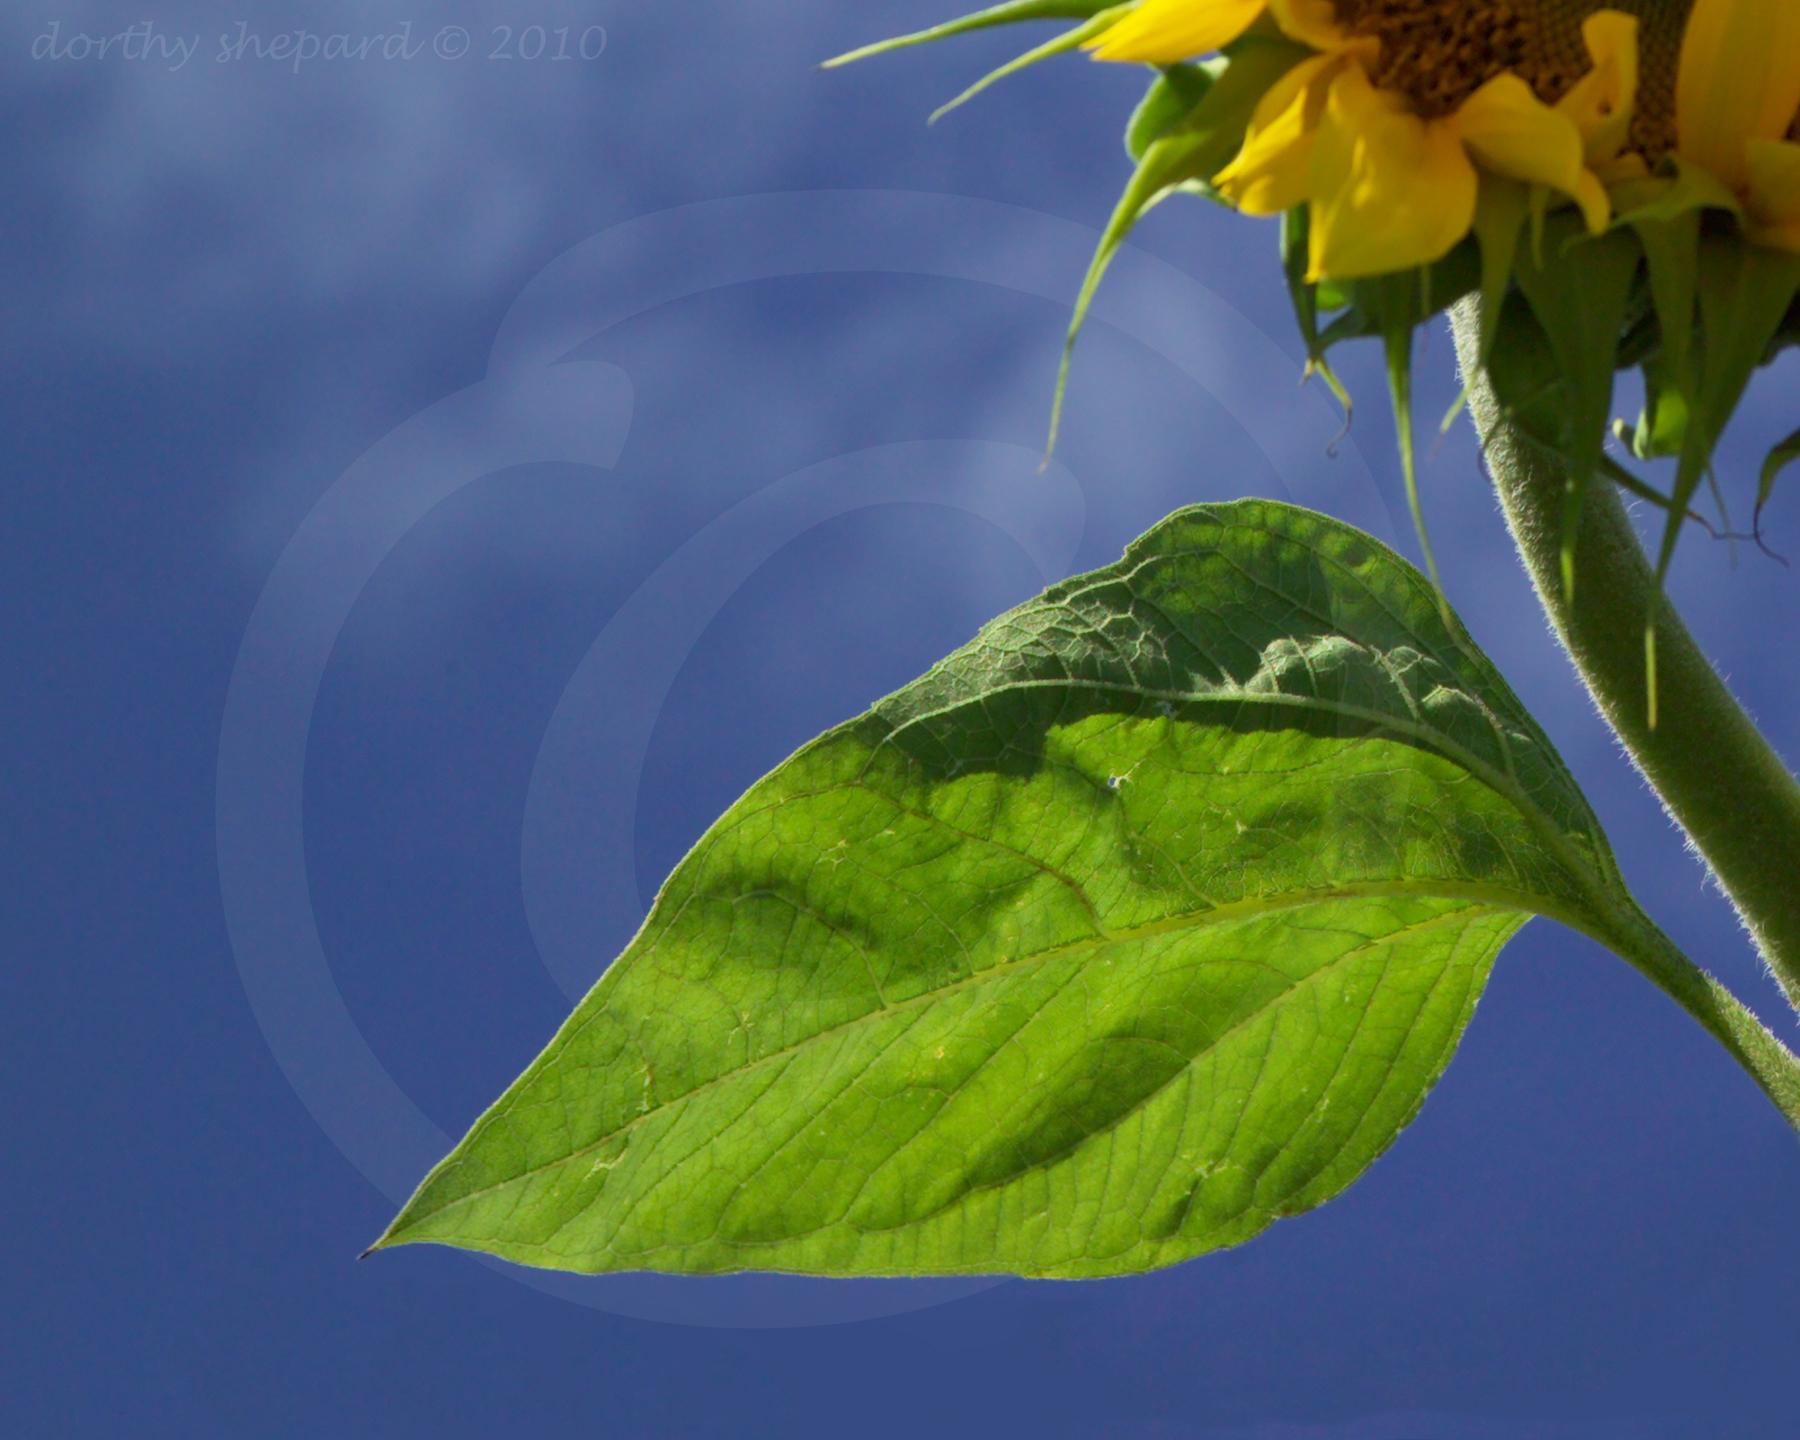 sunflower leaf copy  dorthy shepard